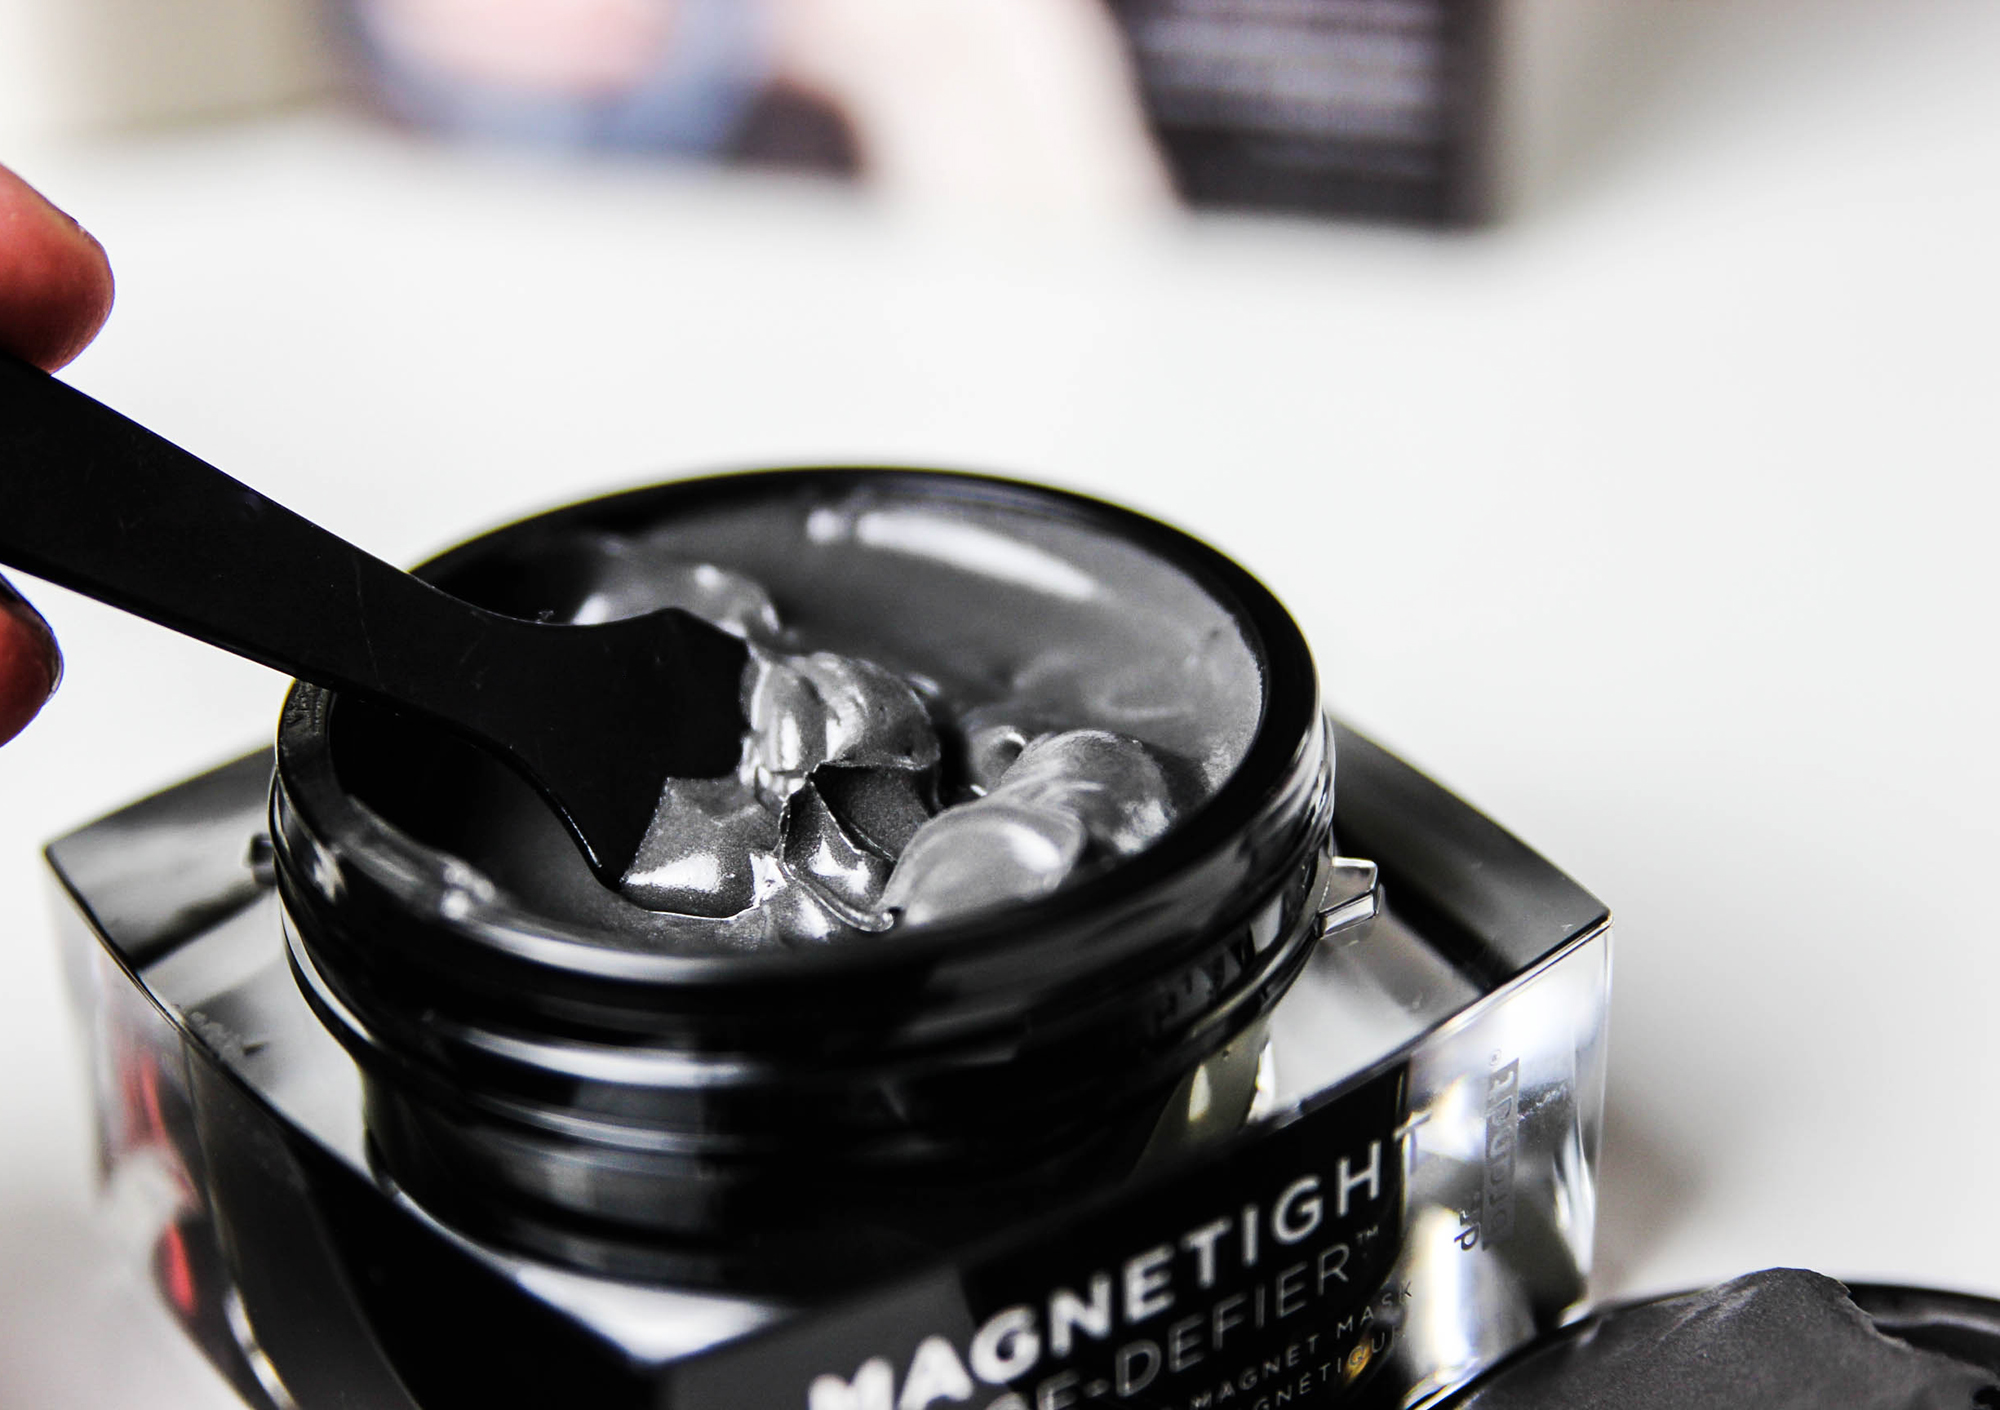 Magnetight_masque-Dr Brandt-16